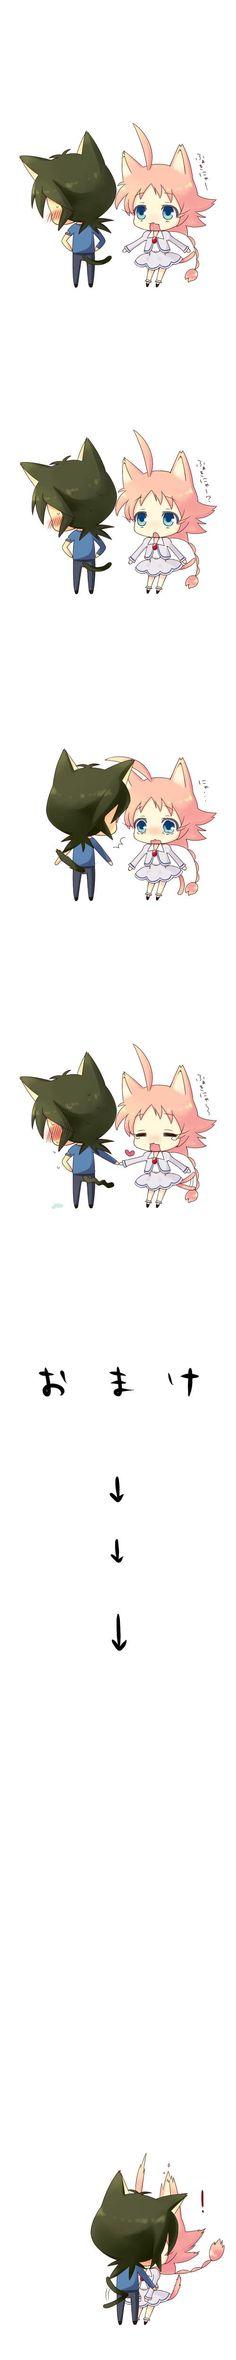 Fakir ❤ Ahiru ~ OMG the cutest thing ever ((o(>///w///<)o))